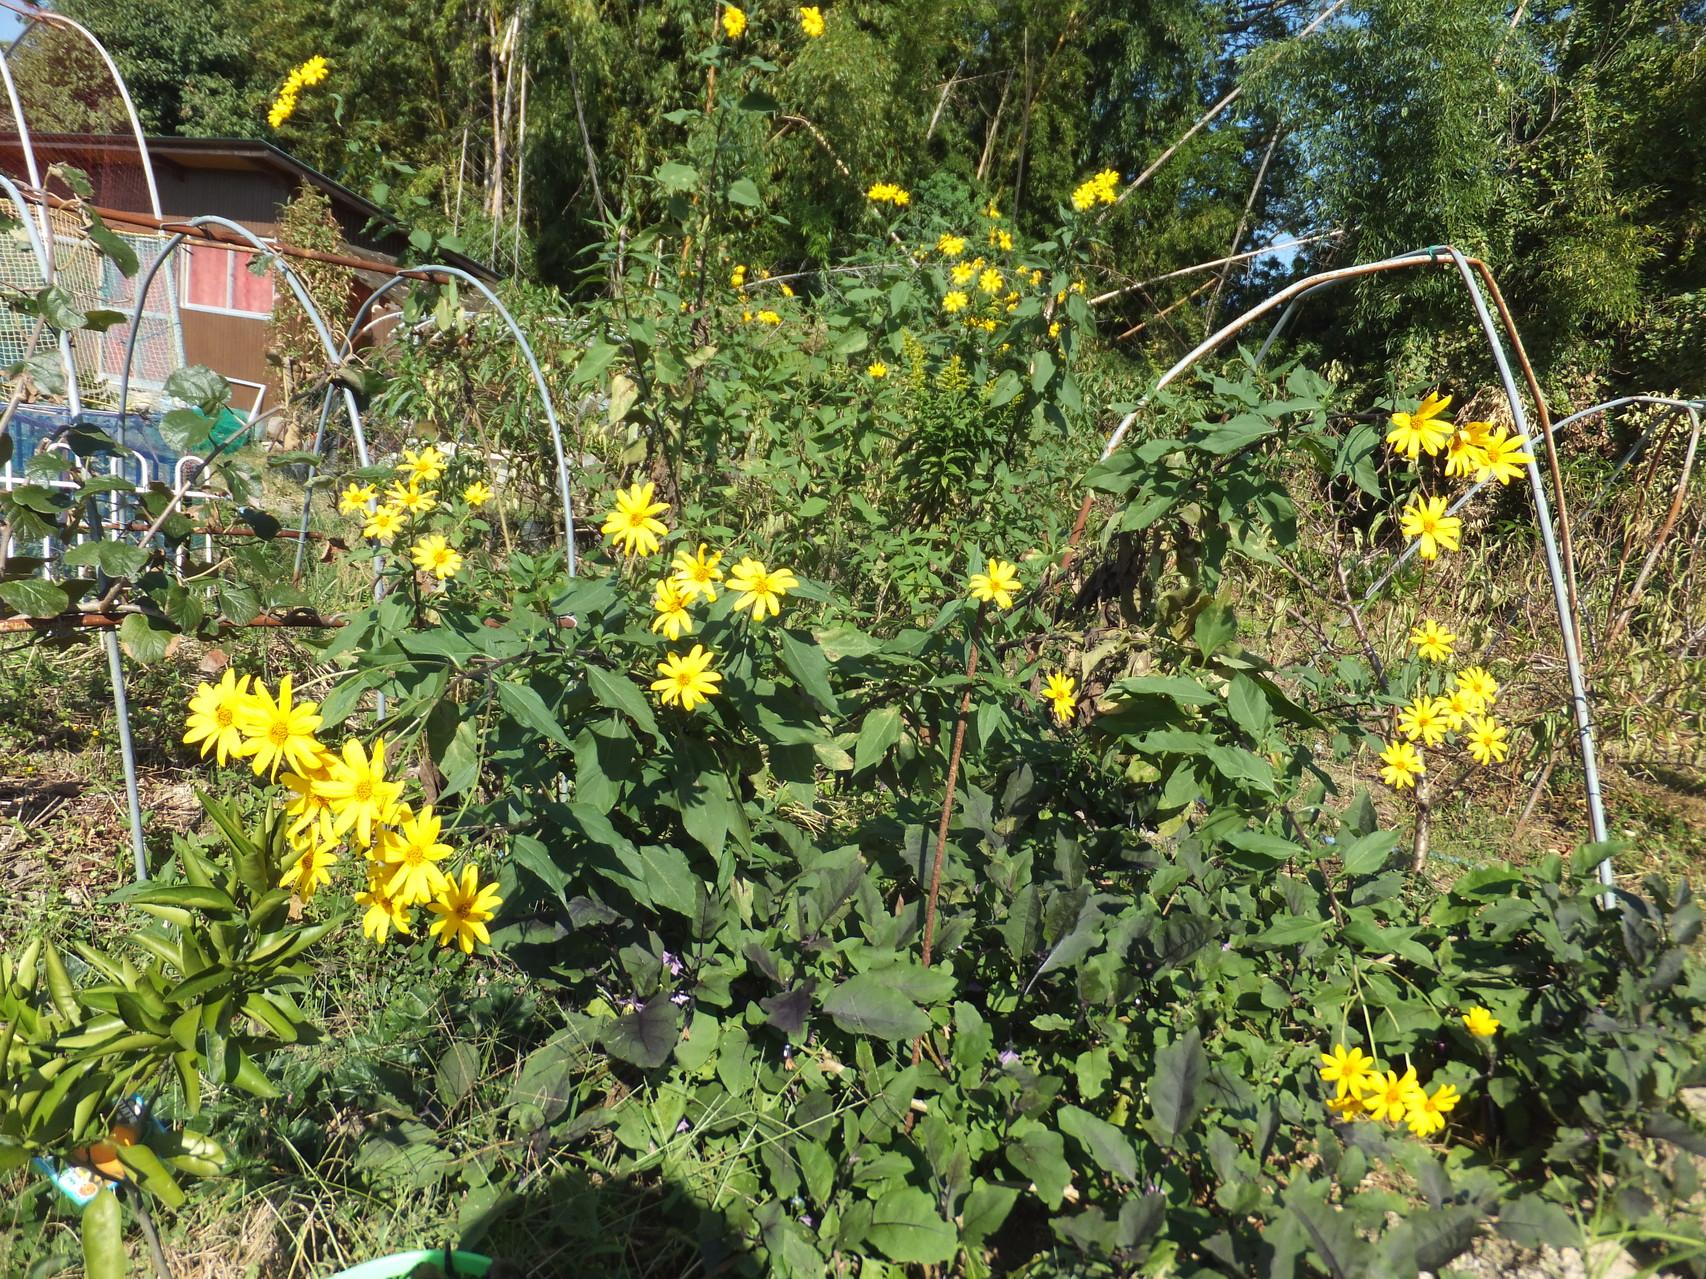 菊芋の黄色い花が咲いて綺麗です